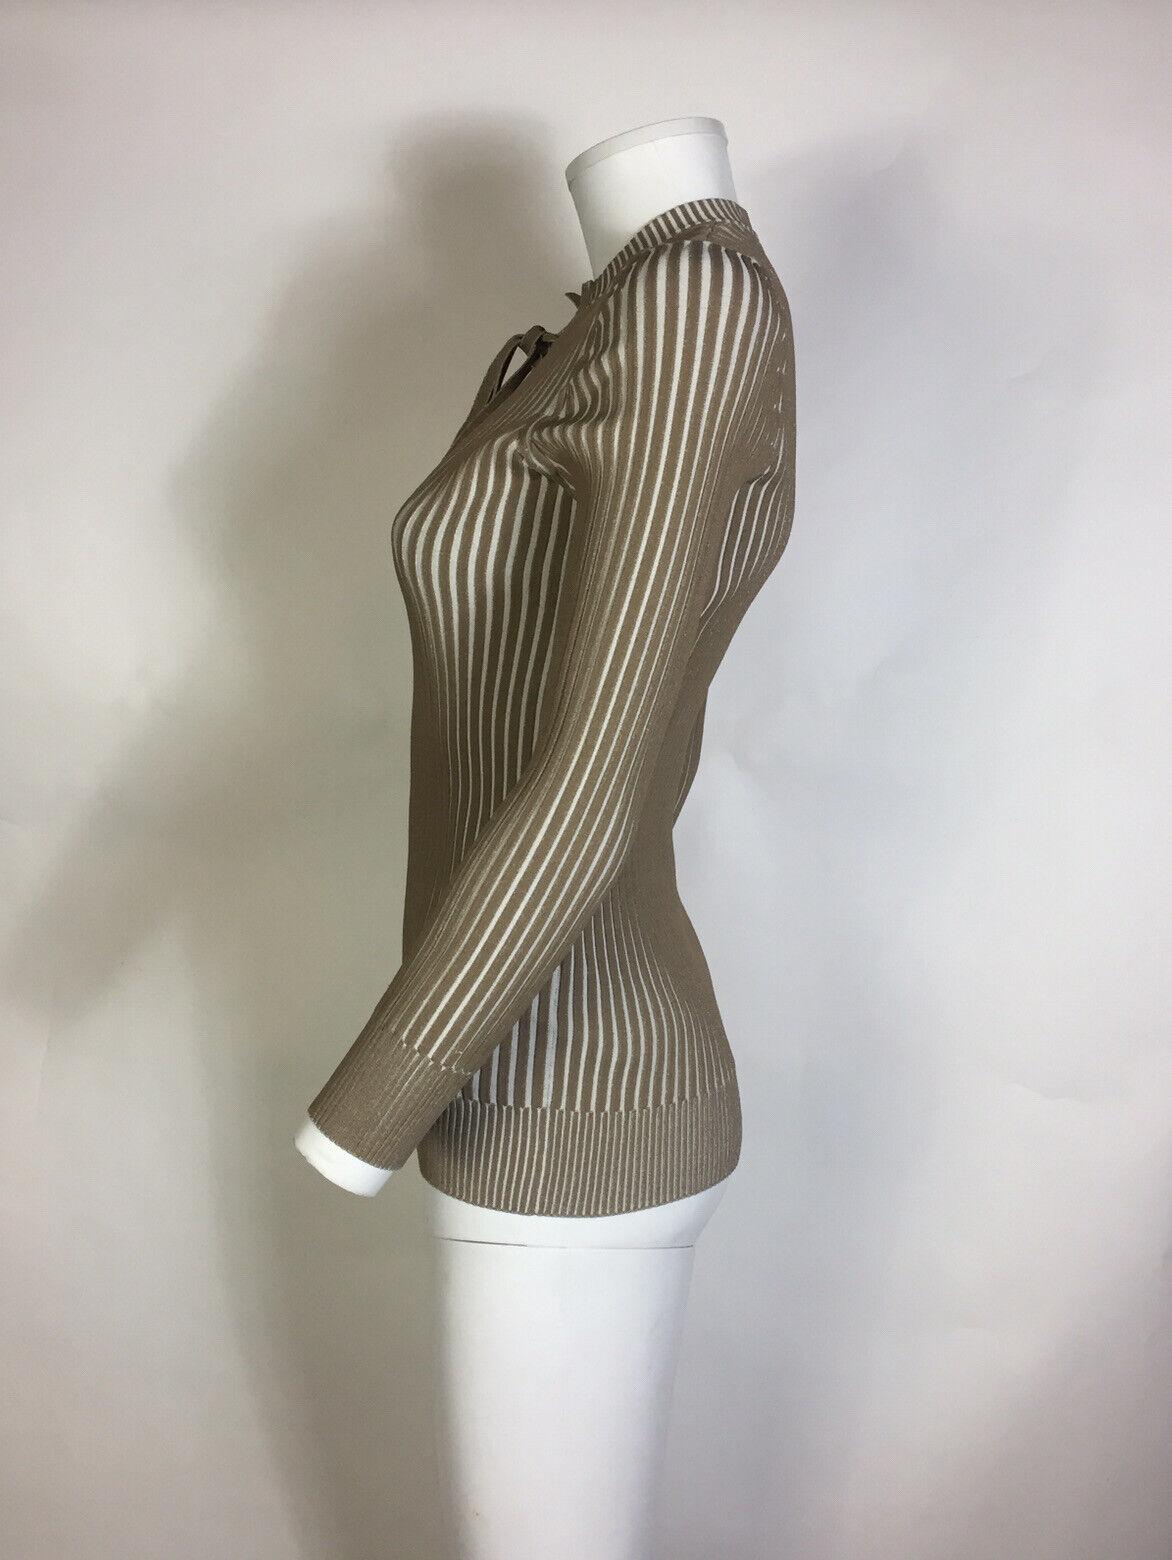 Rare Vtg Gucci Beige Knit Lace Up Top M - image 4